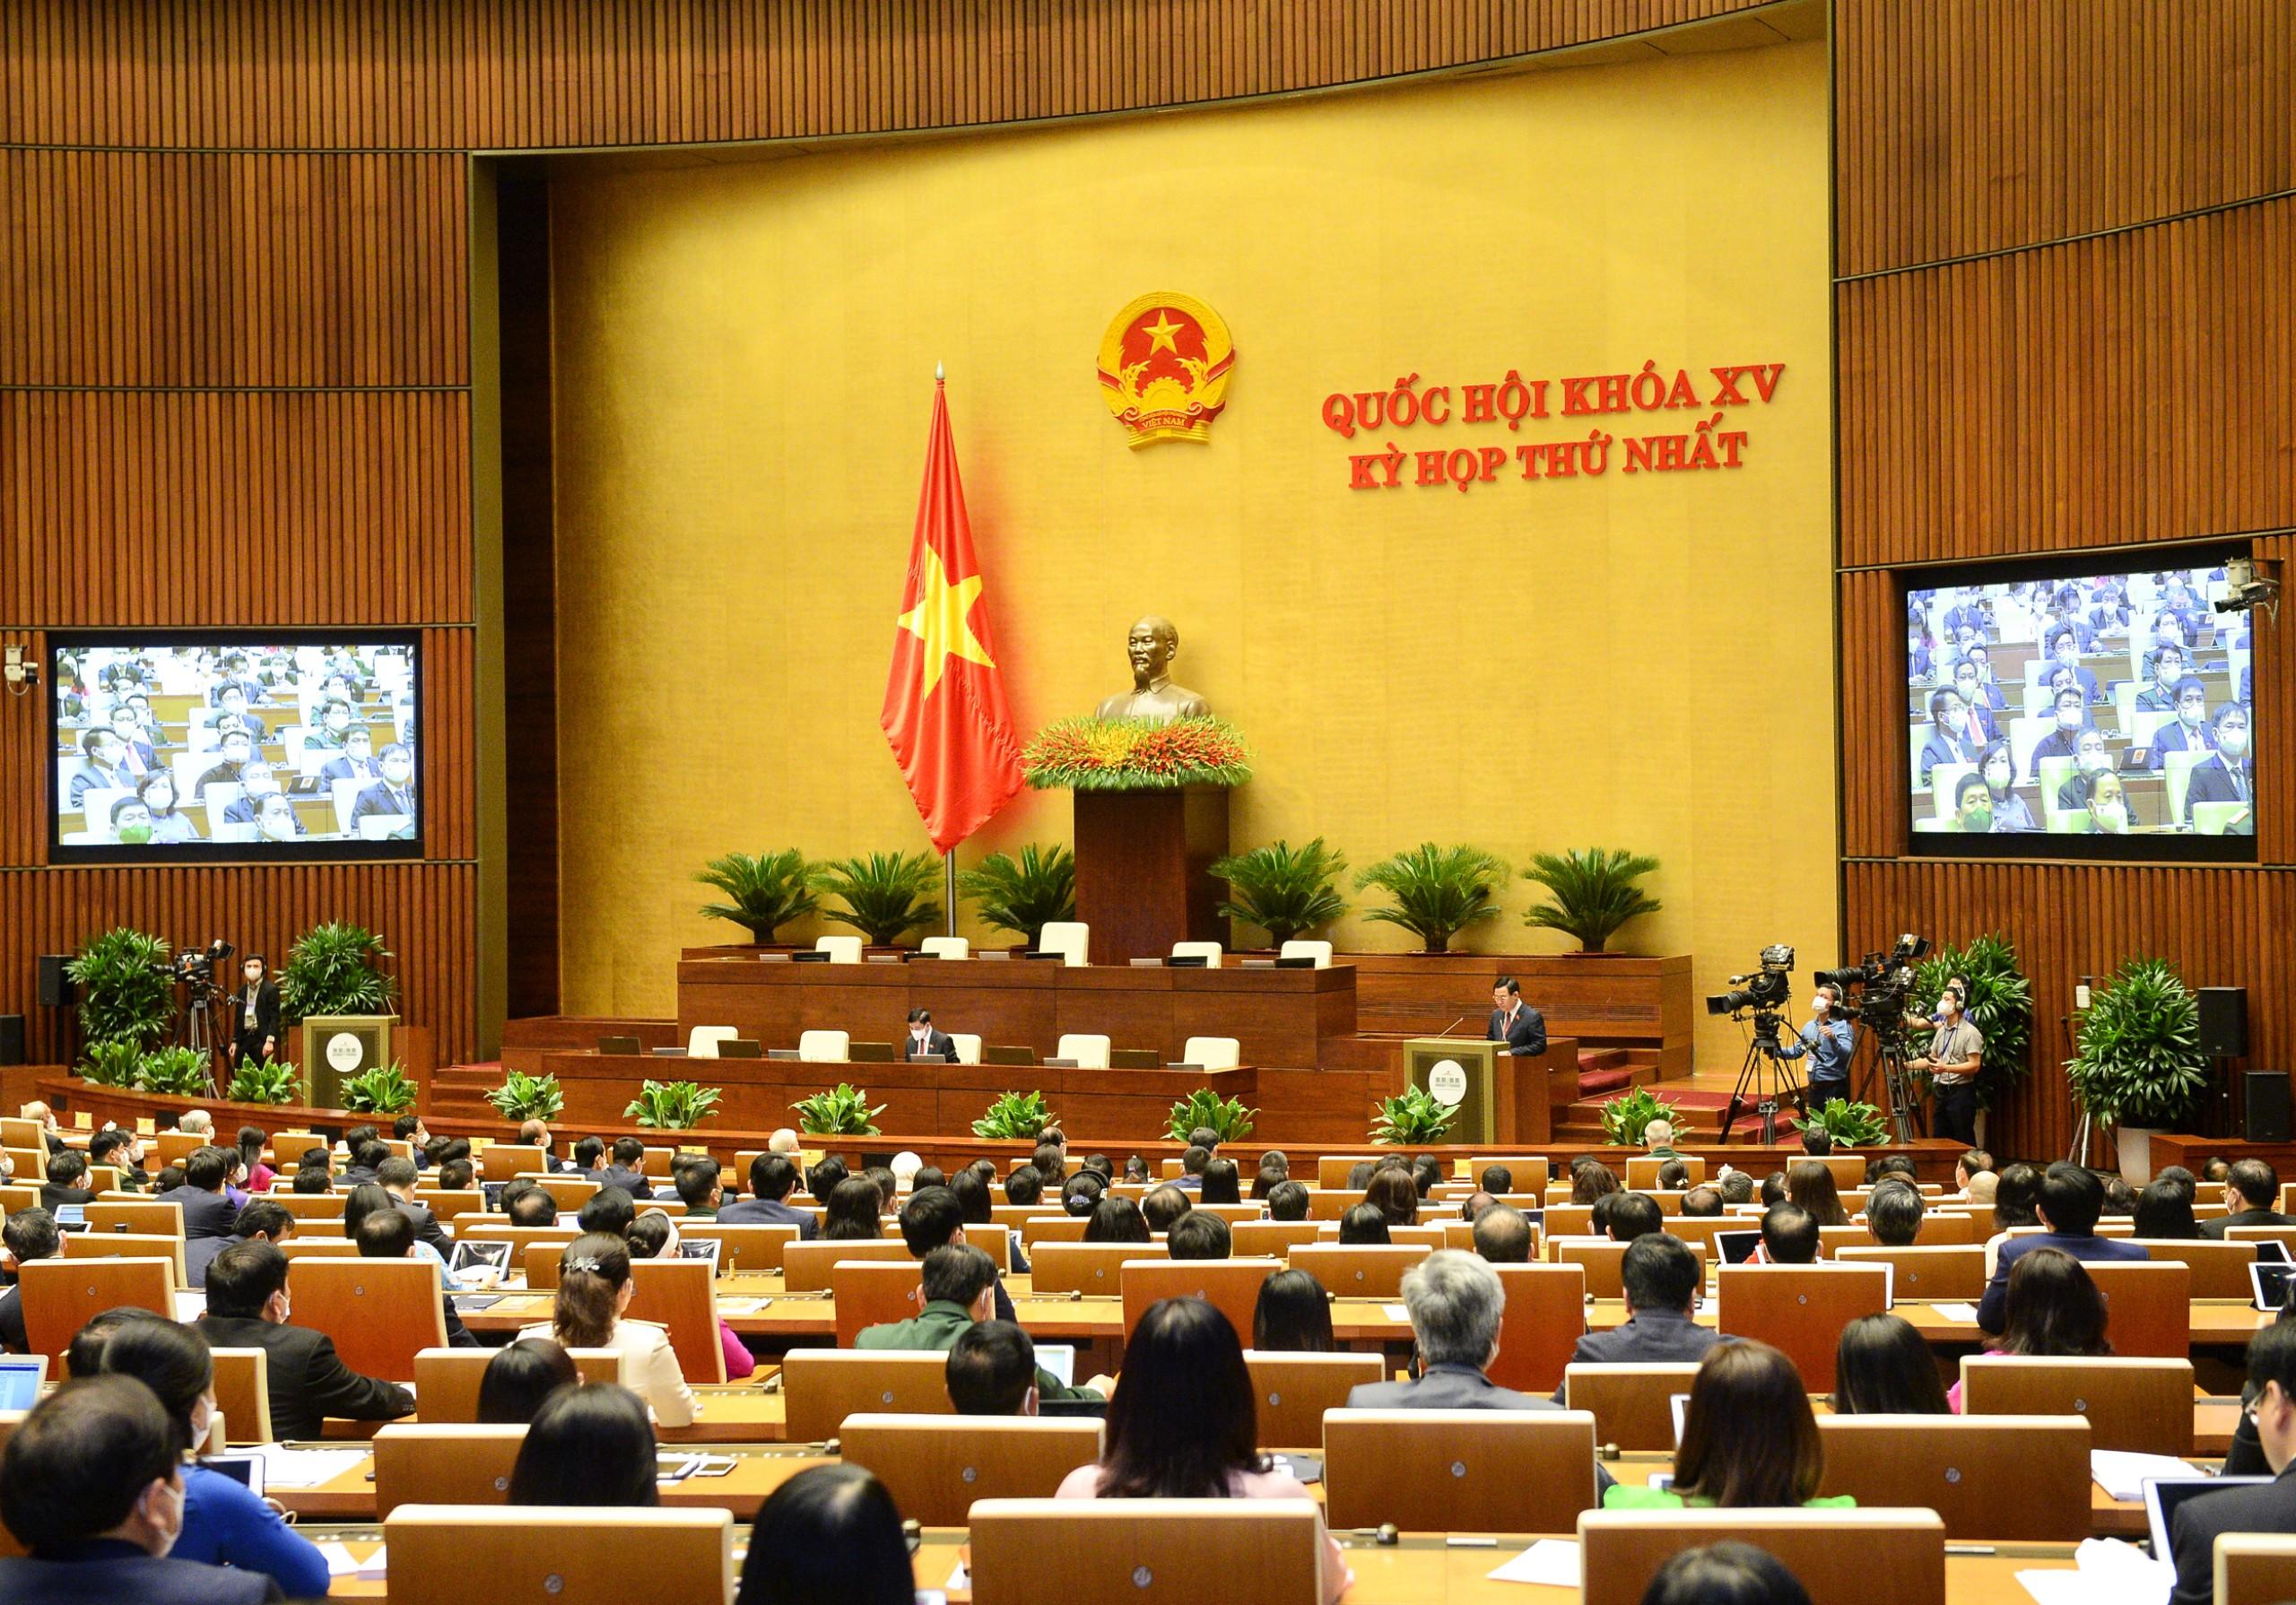 Kỳ họp thứ nhất, Quốc hội khóa XV